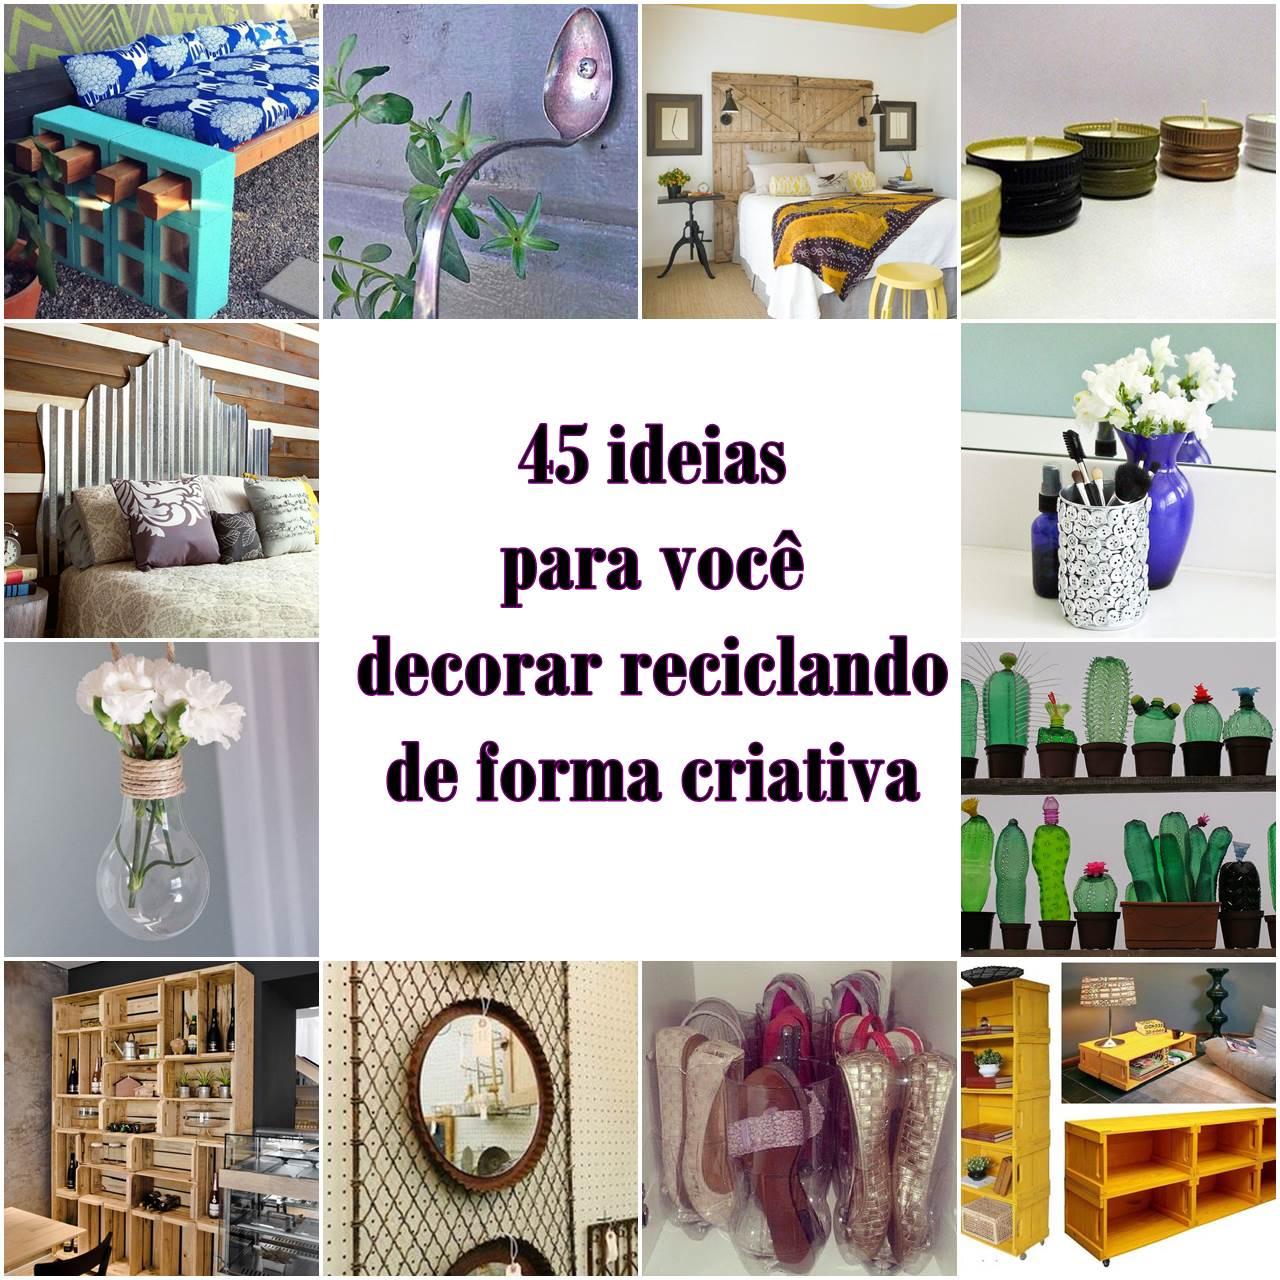 Ideias para voc decorar reciclando de forma criativa - Como decorar reciclando ...